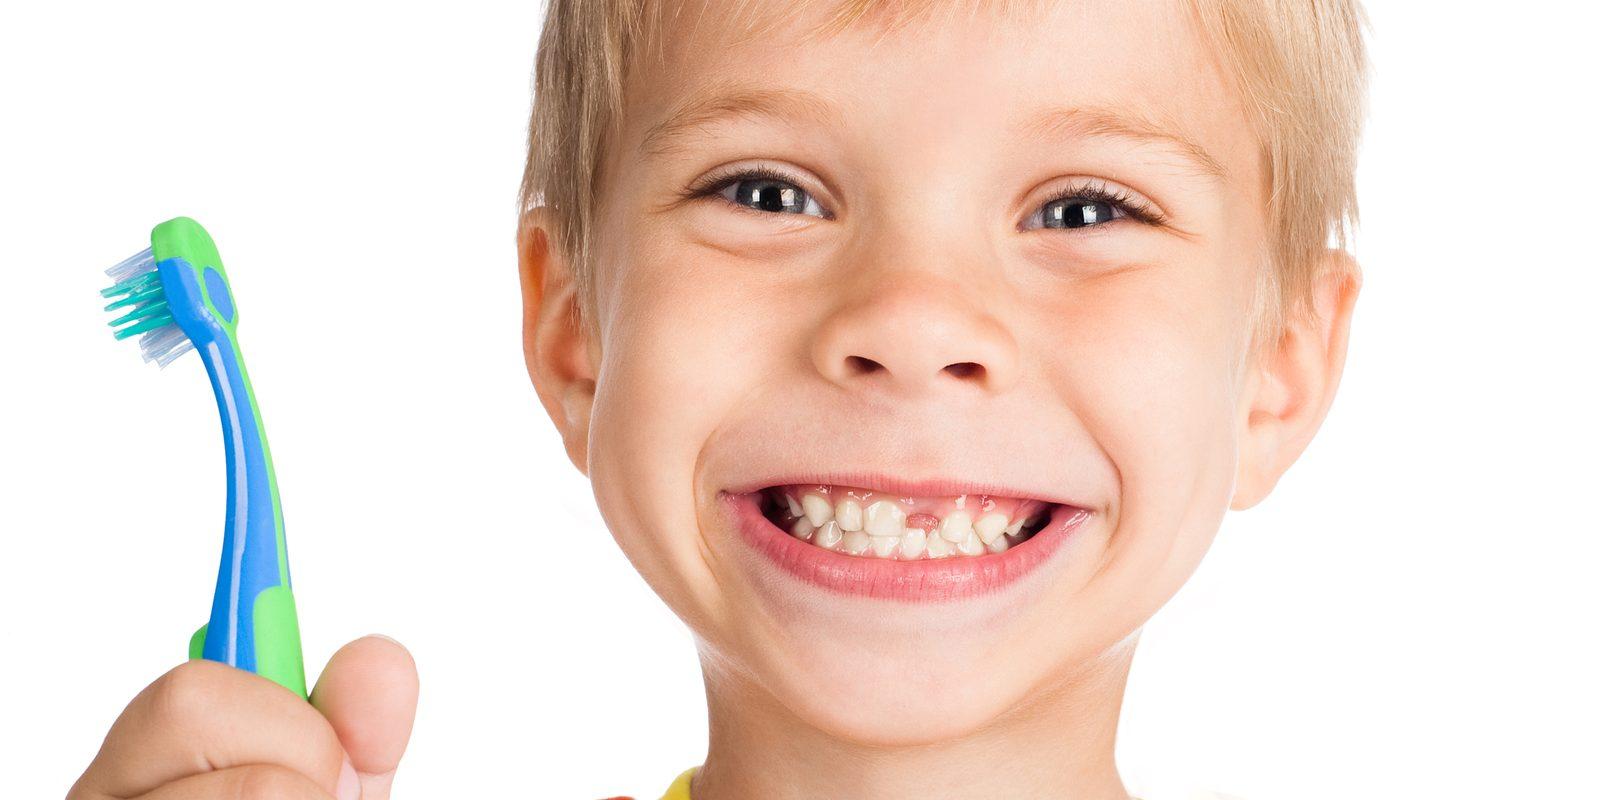 Diş Eti Estetiği Yaptırmanın Avantajları Nelerdir